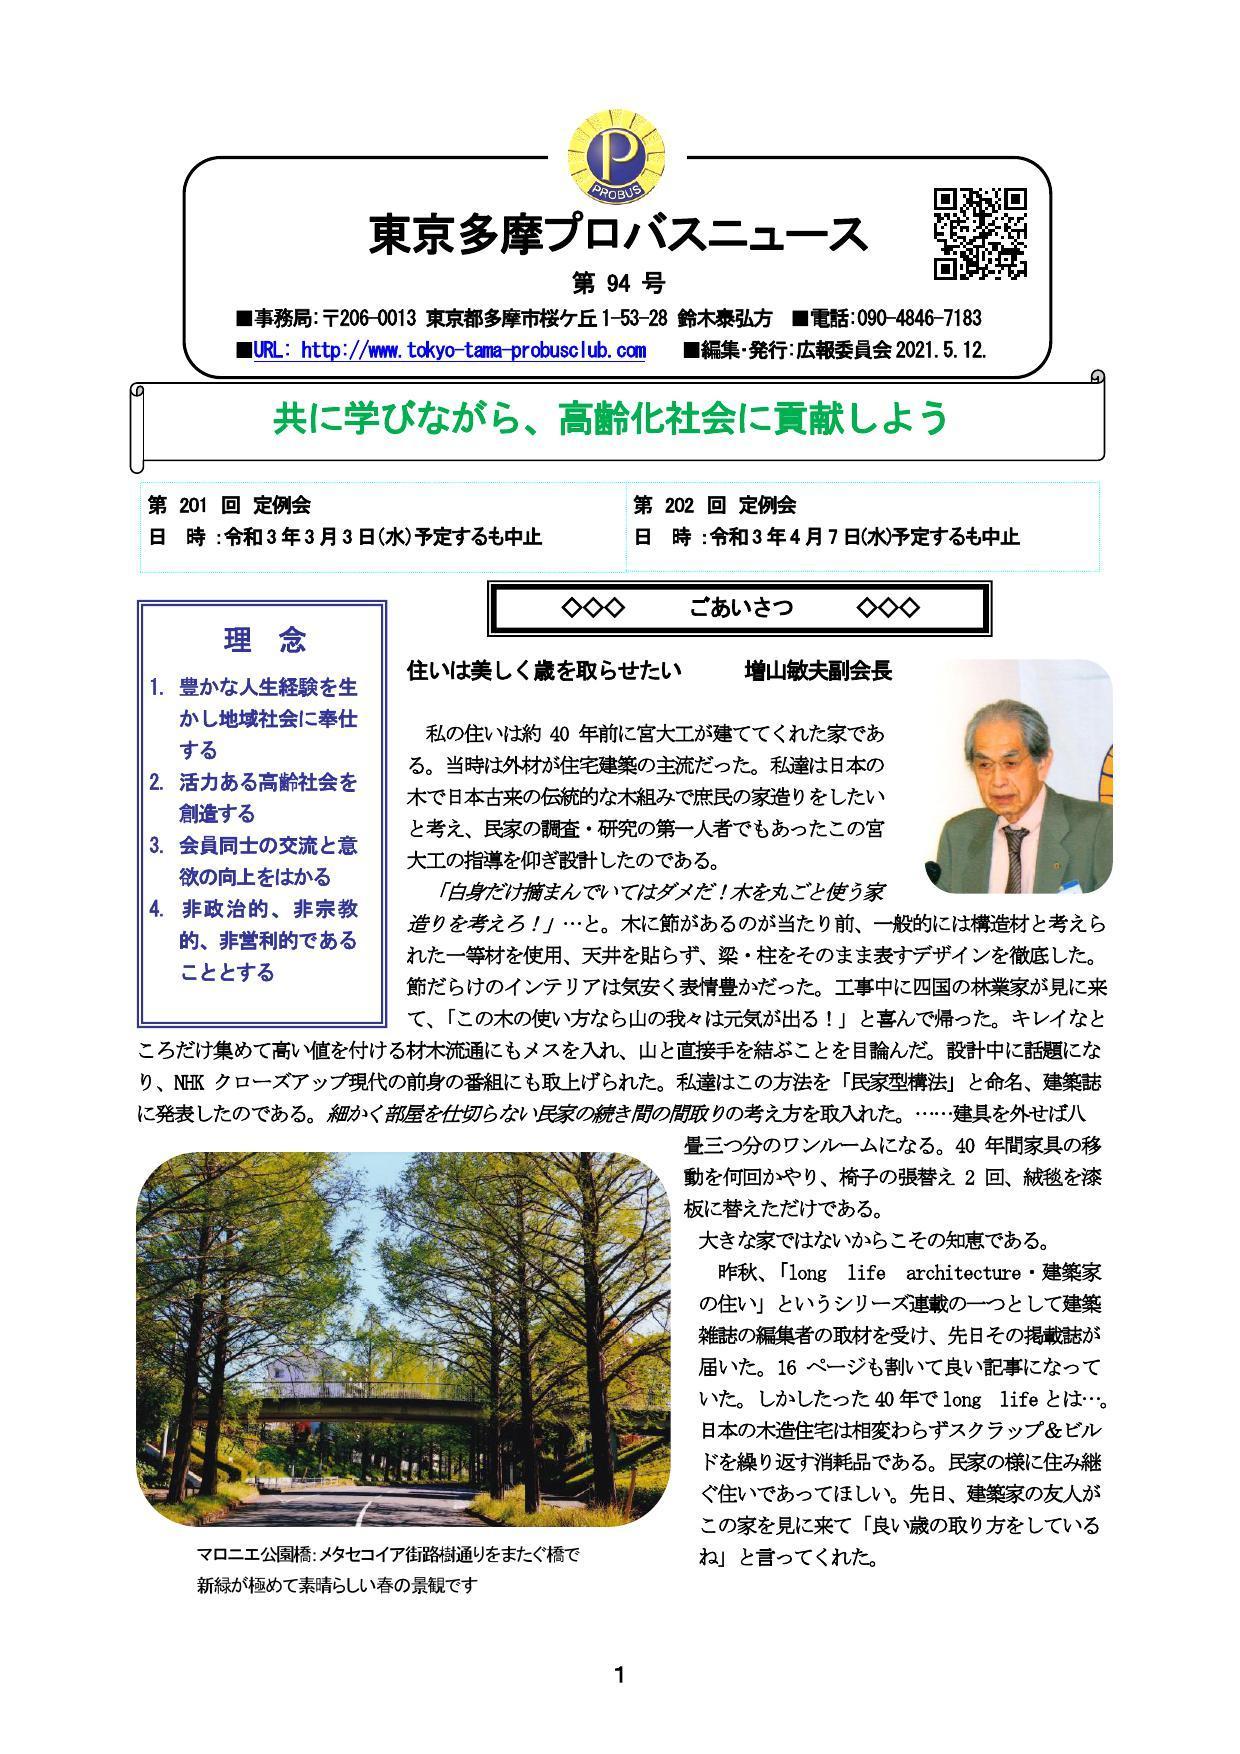 東京多摩プロバスニュース 第94号 2021年5月12日_b0000714_14211015.jpg